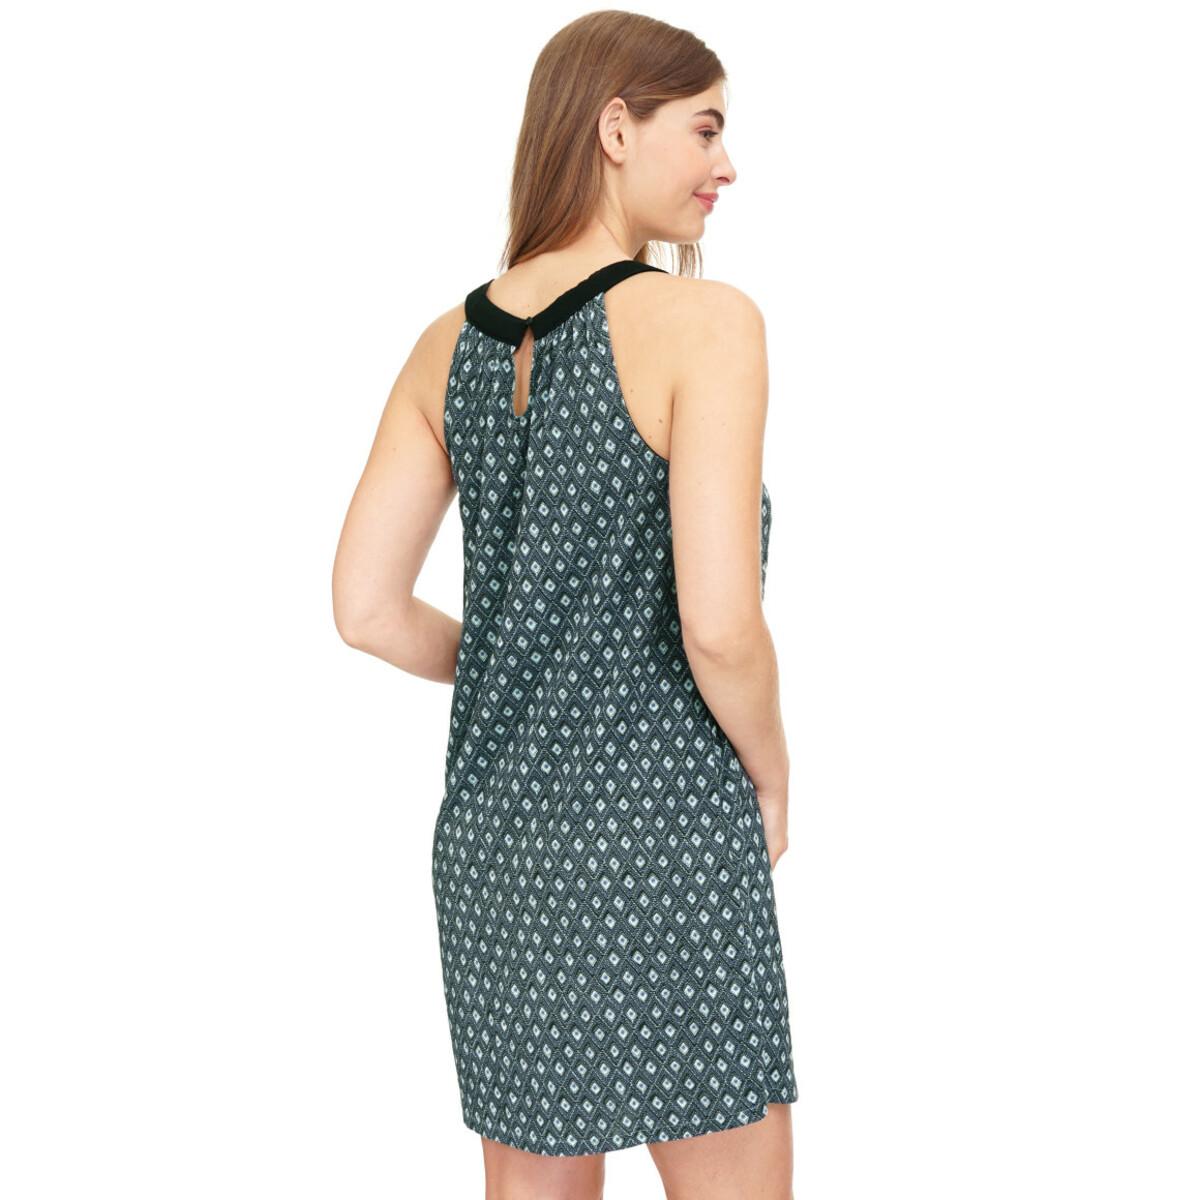 Bild 3 von Damen Jerseykleid mit Allover-Print